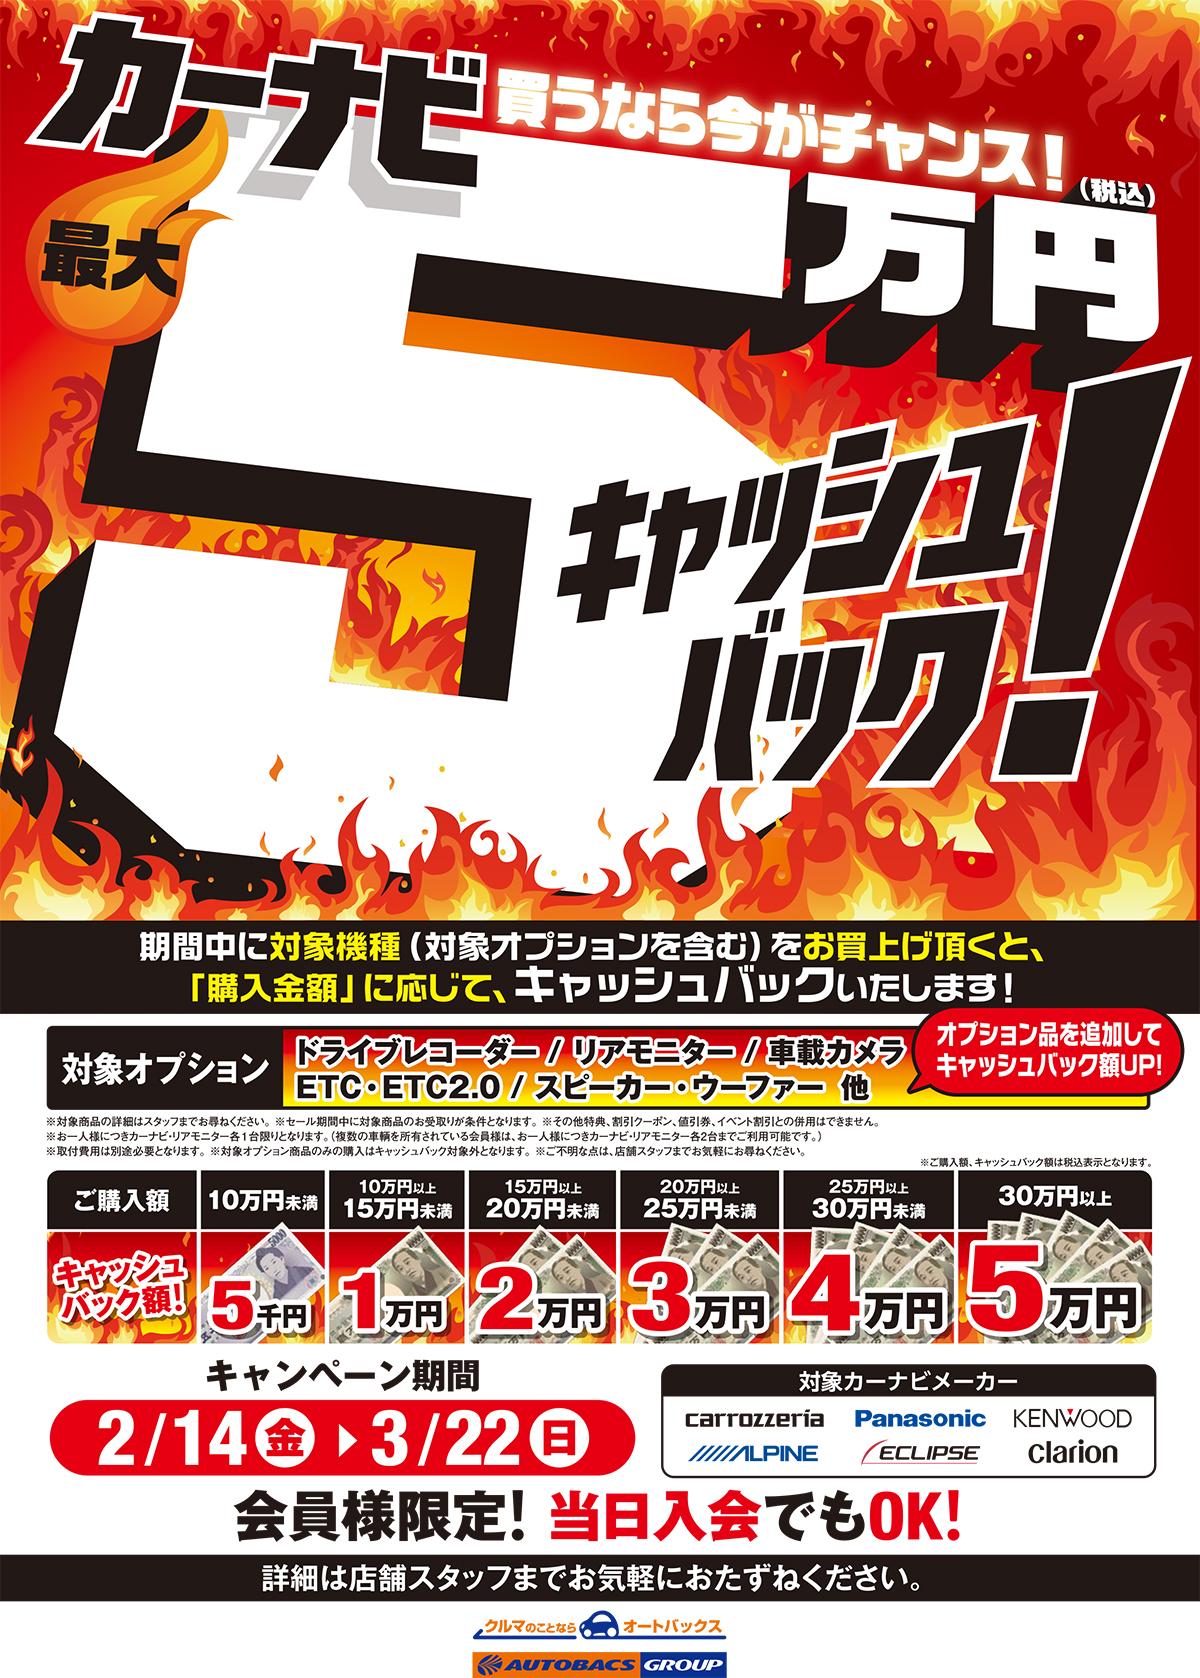 カーナビ買うなら今がチャンス!最大5万円キャッシュバック